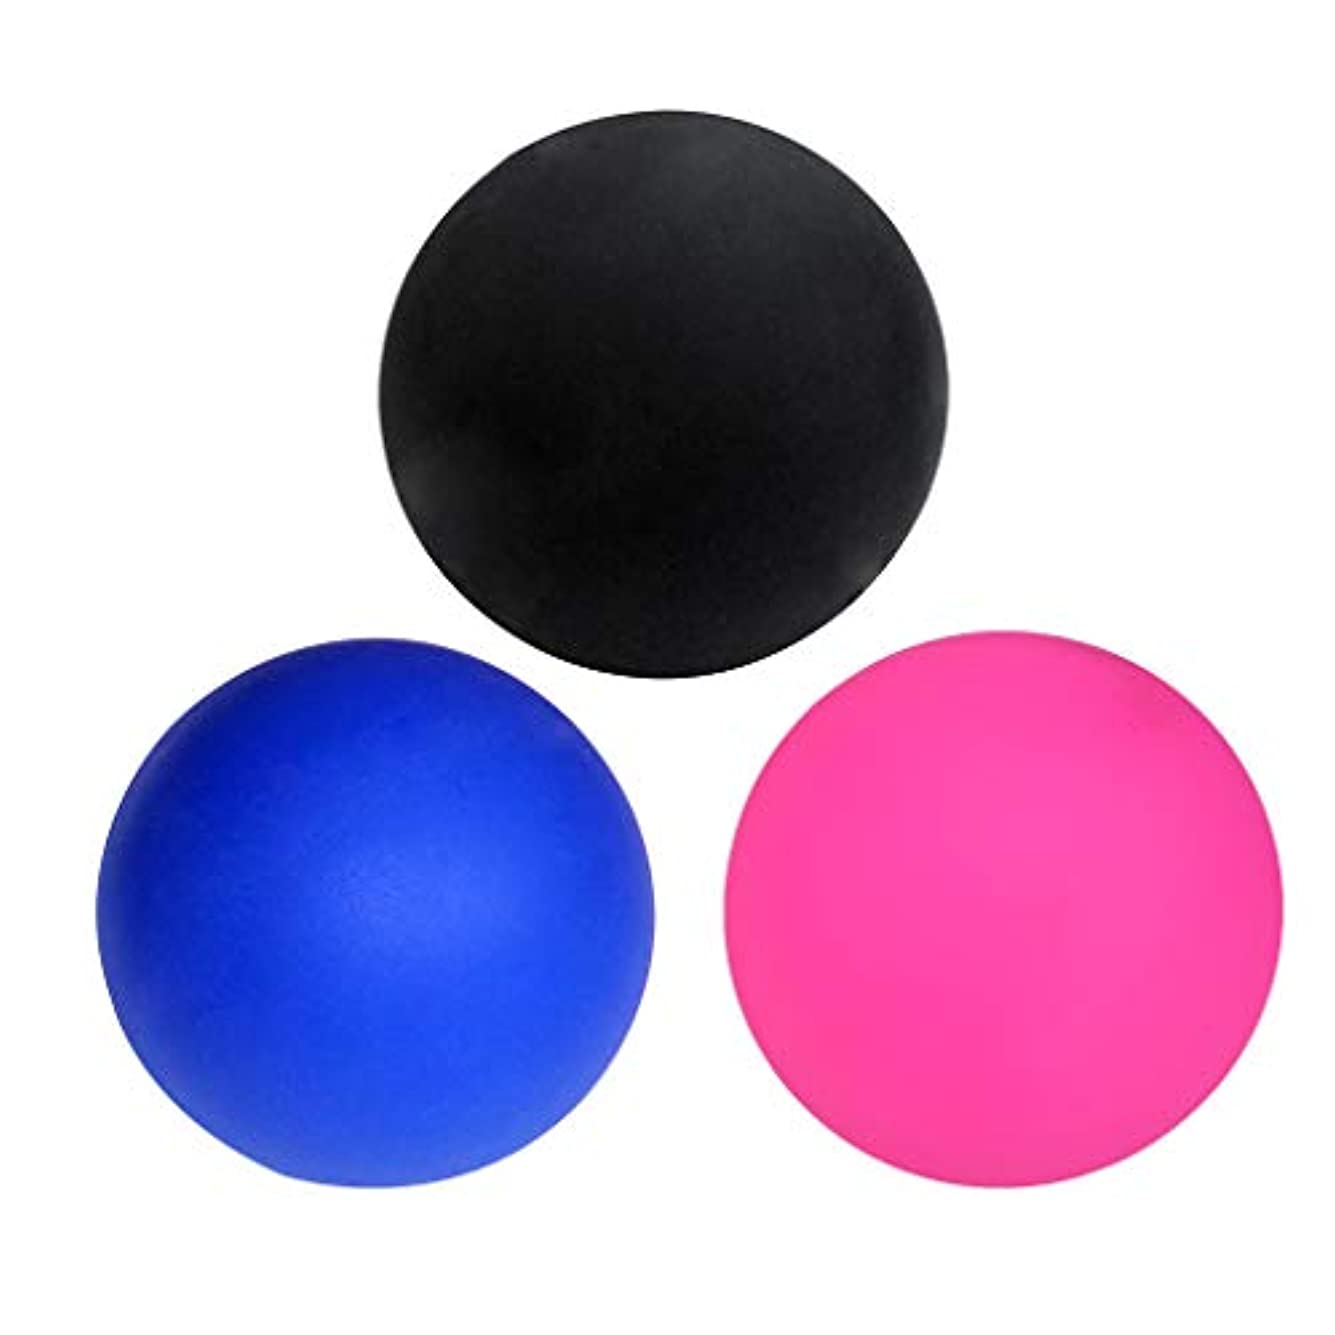 データ洋服別れるchiwanji 3個 マッサージボール 筋膜リリース ラクロスボール トリガーポイント 疲れ解消ボール ツボ押しグッズ